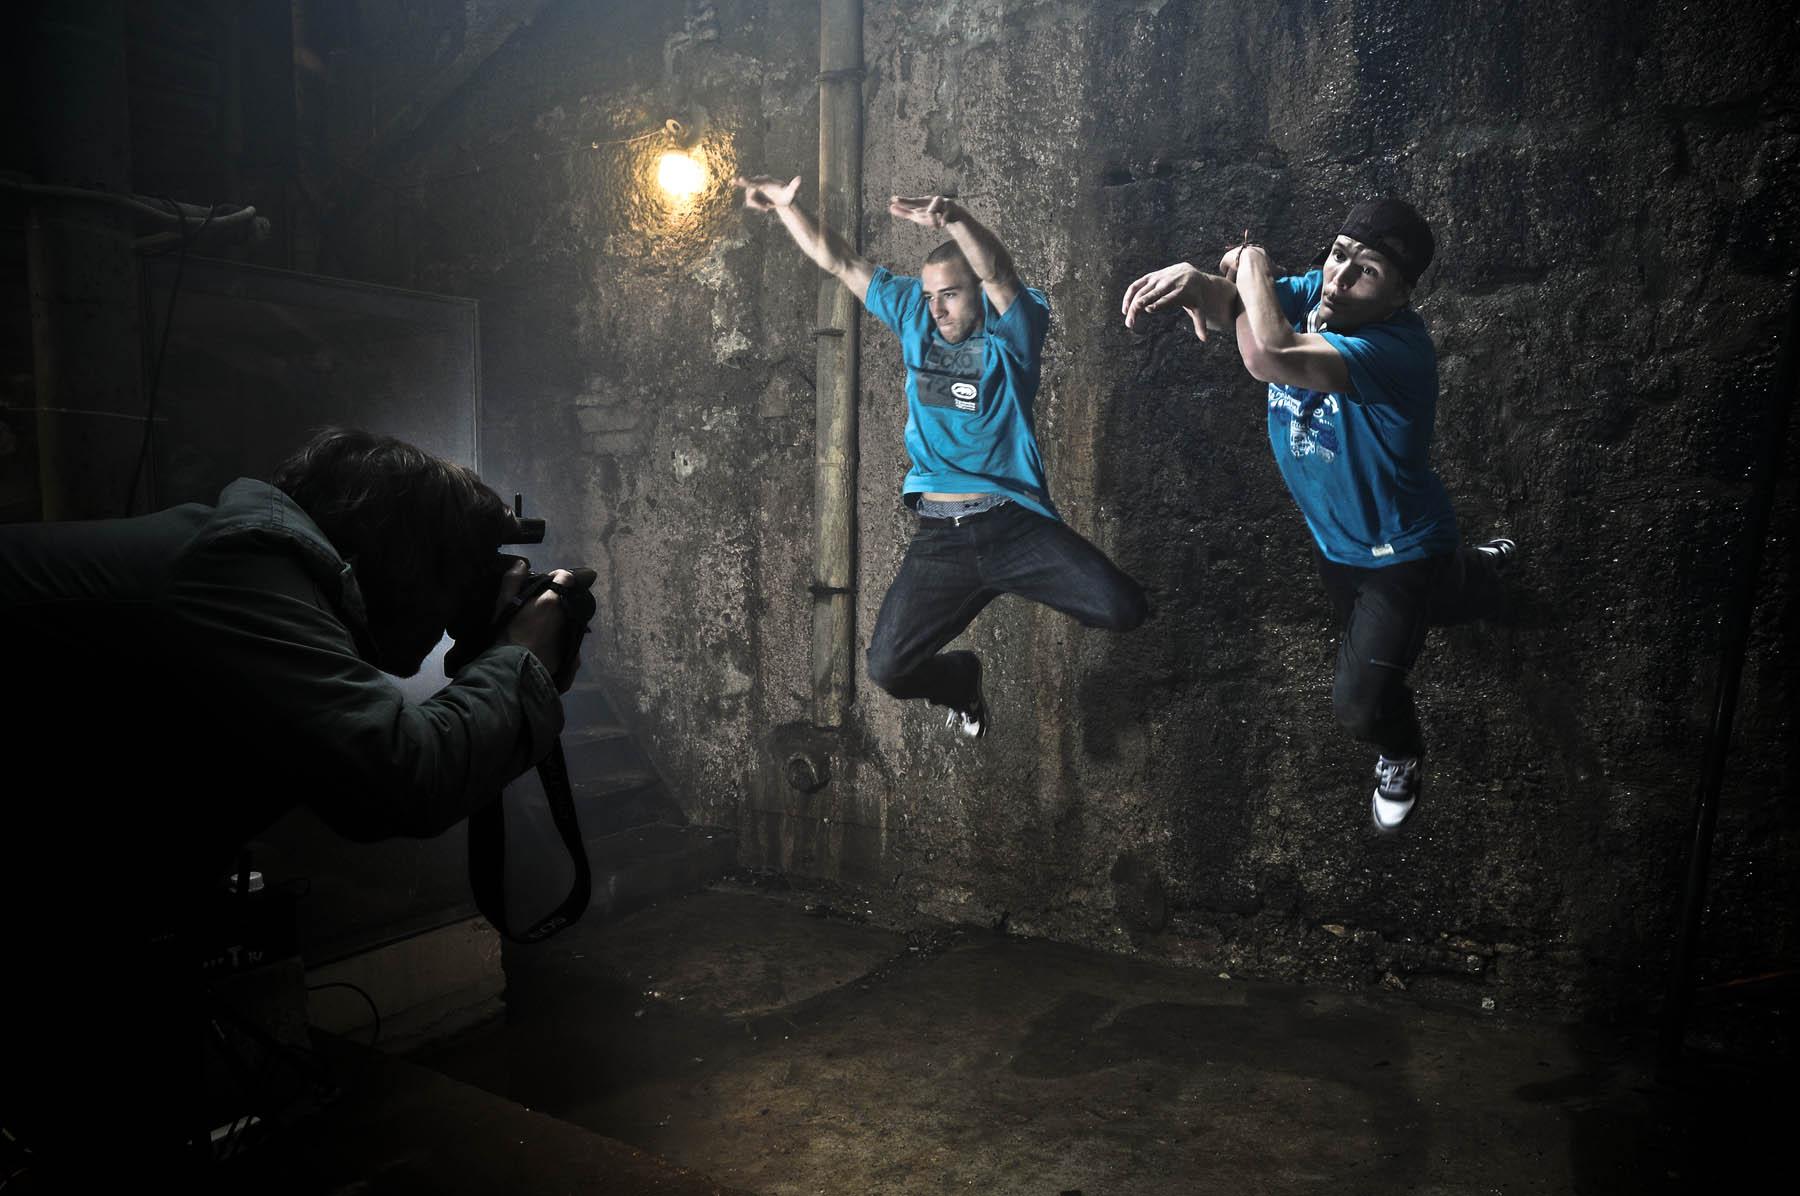 Zwei Breakdancer aus Salzburg springen direkt auf den Fotografen Ulrich Schuster aus Nürnberg zu. Der Moment wurde von Hendrik Stoltenberg perfekt eingefangen.